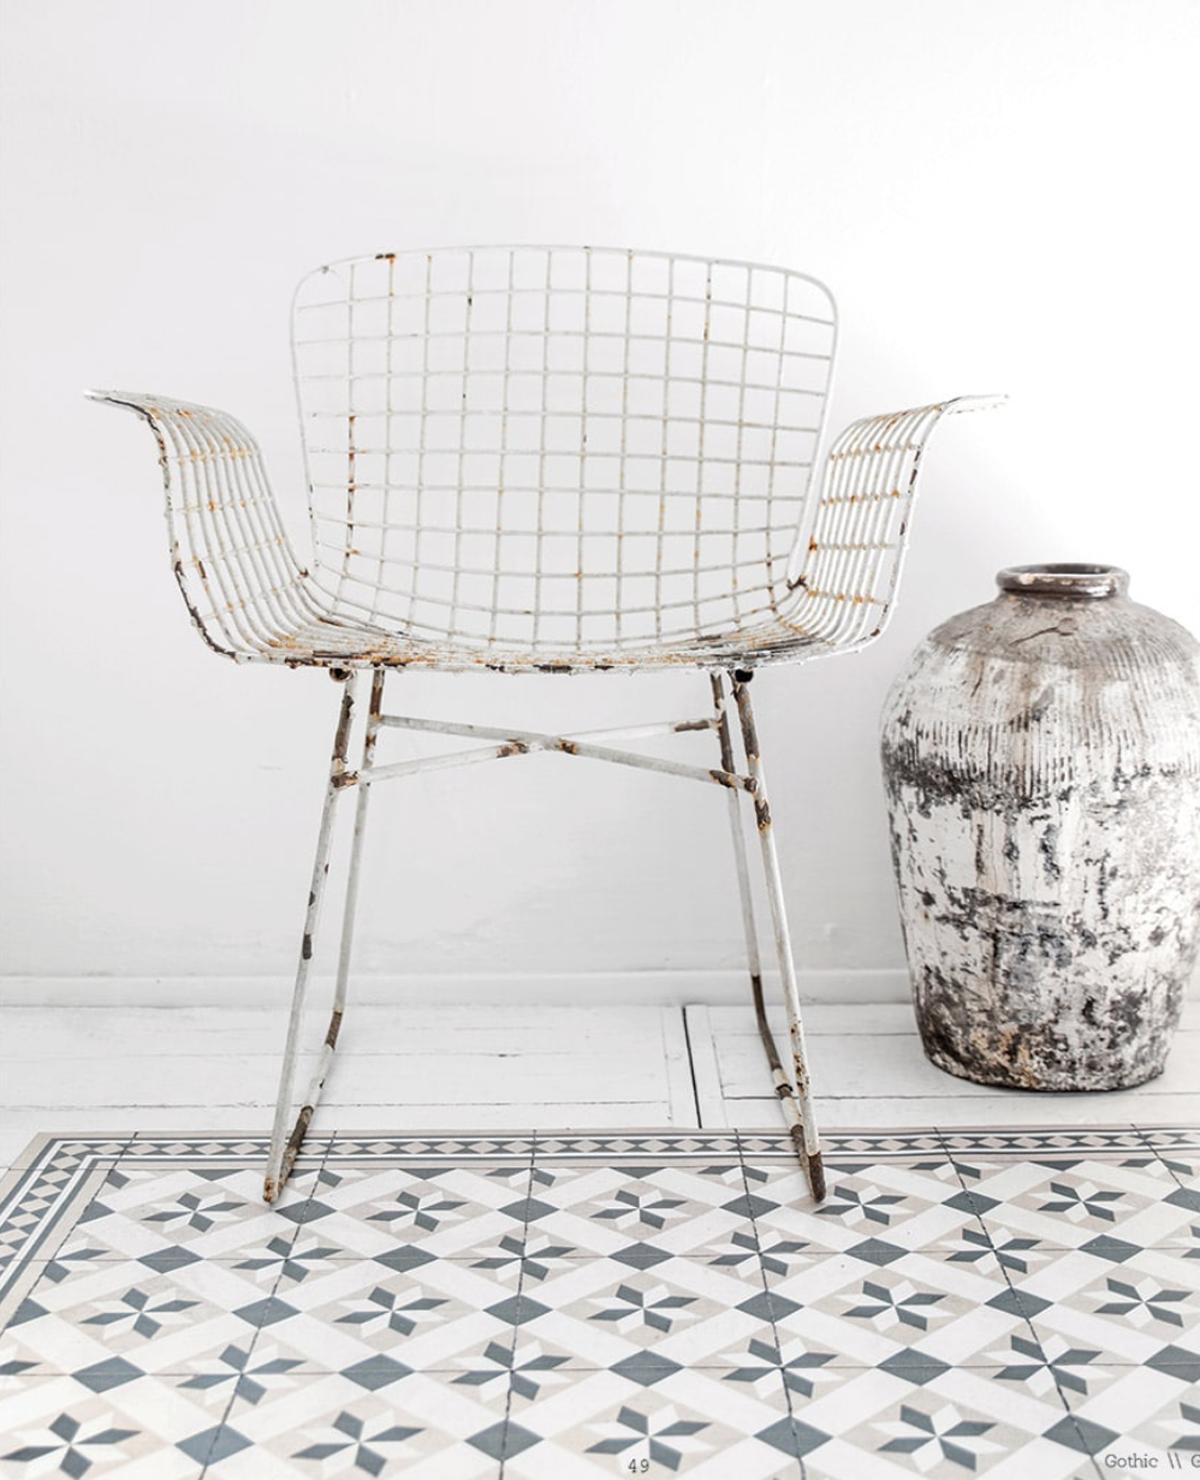 Tappeto in cucina come sceglierlo bello e pratico - Ikea tappeti persiani ...